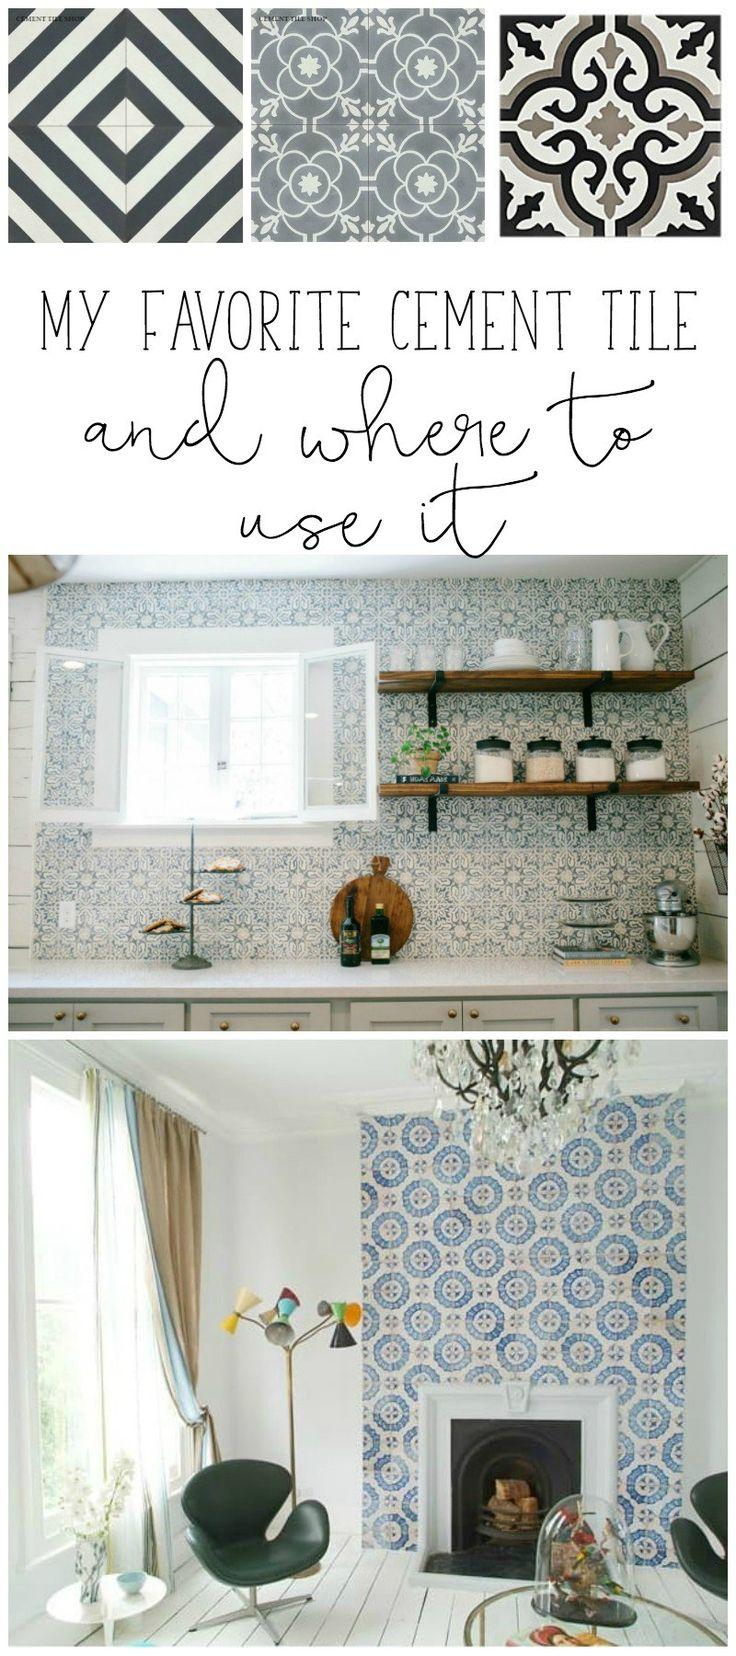 Home park design bilder best  house and home images on pinterest  bathroom design